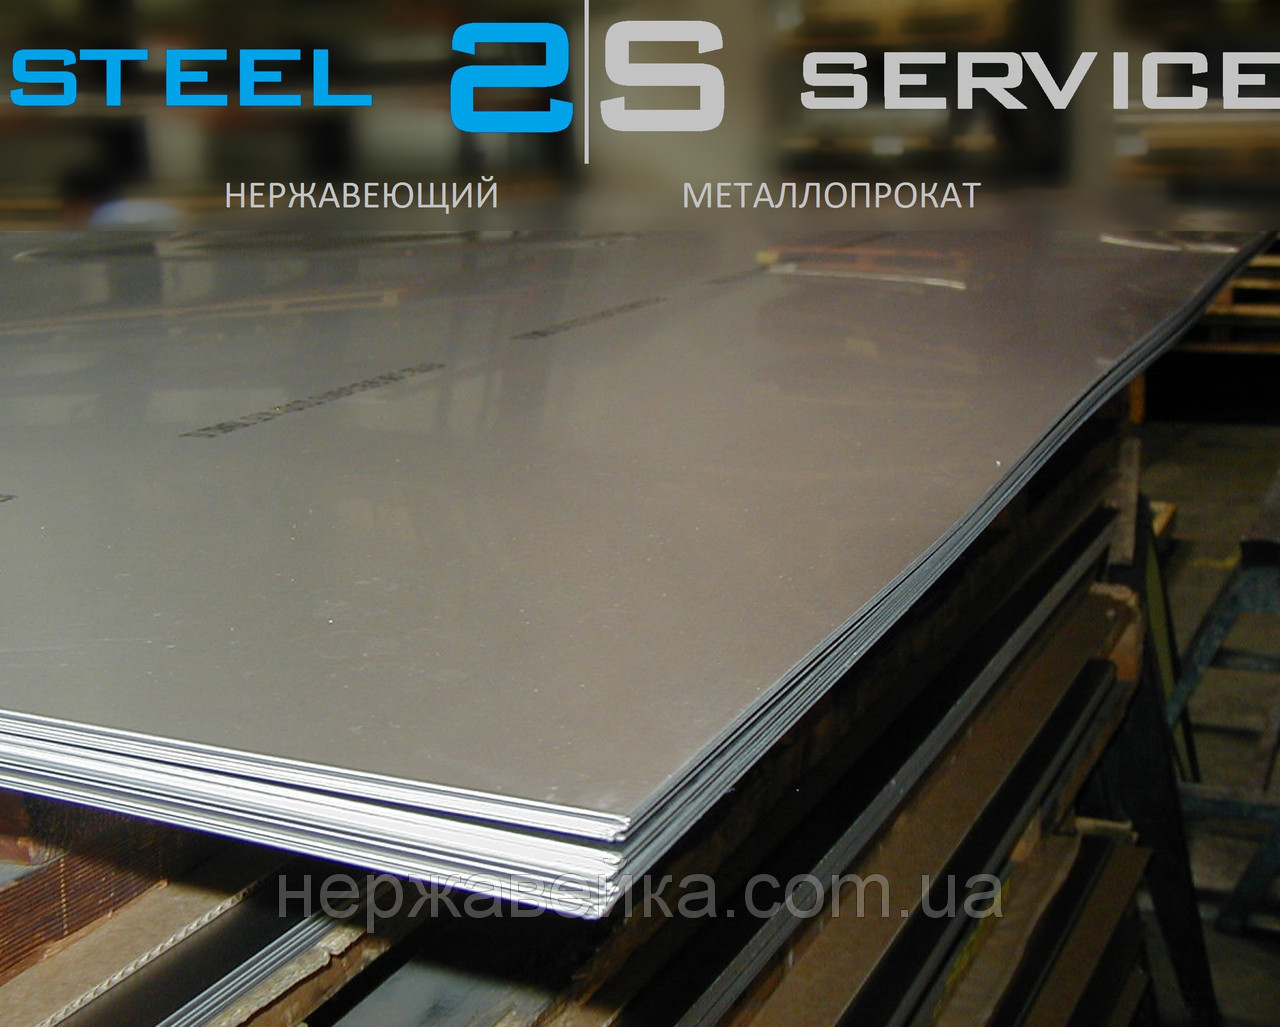 Нержавейка лист 5х1000х2000мм  AISI 309(20Х23Н13, 20Х20Н14С2) F1 - горячекатанный,  жаропрочный